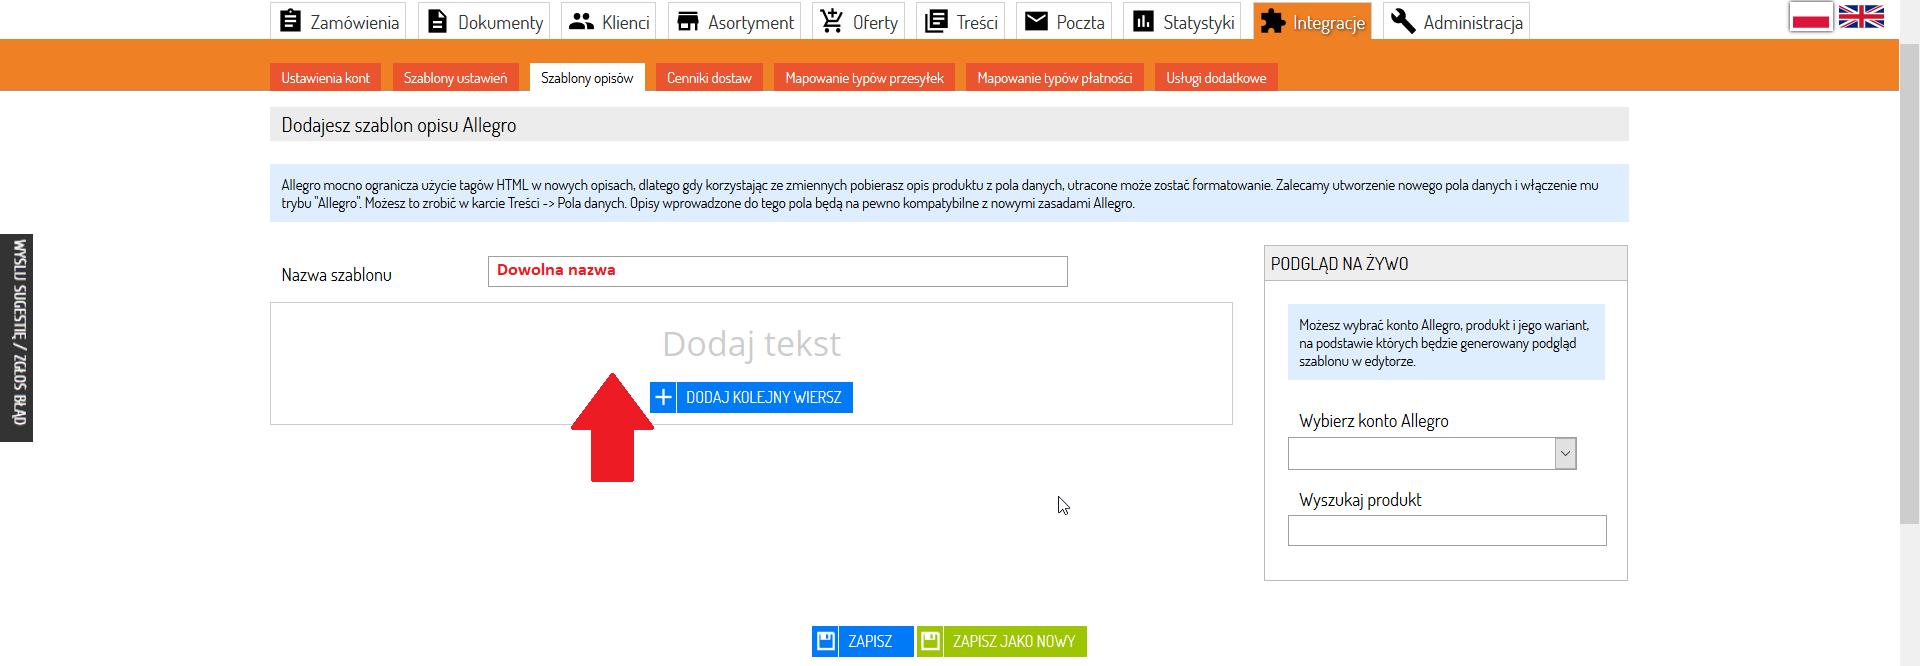 4fdaed551e4207 5. Kliknij w Dodaj tekst, by otworzyć menu i rozpocząć tworzenie szablonu.